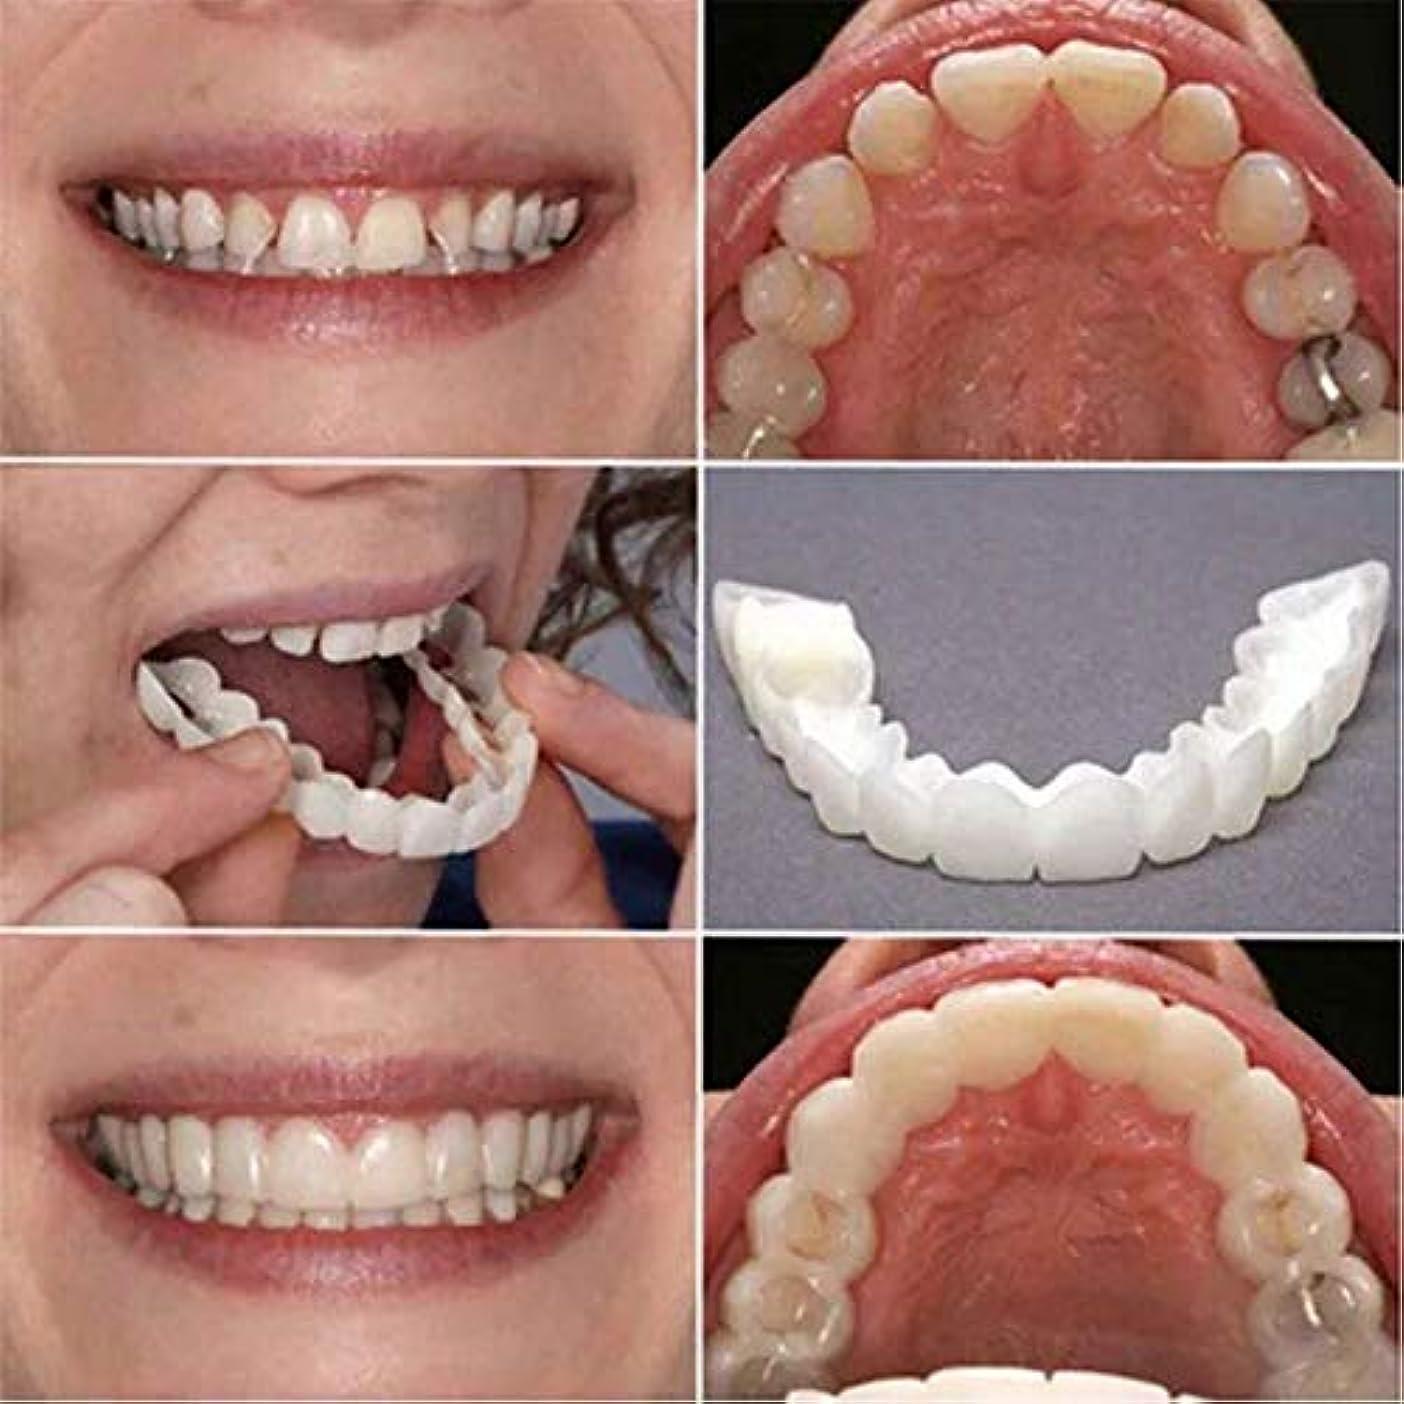 配管好意アボート2個の歯ピースフィッティング快適なフィット歯のソケット義歯口腔用品矯正アクセティース 笑顔を保つ